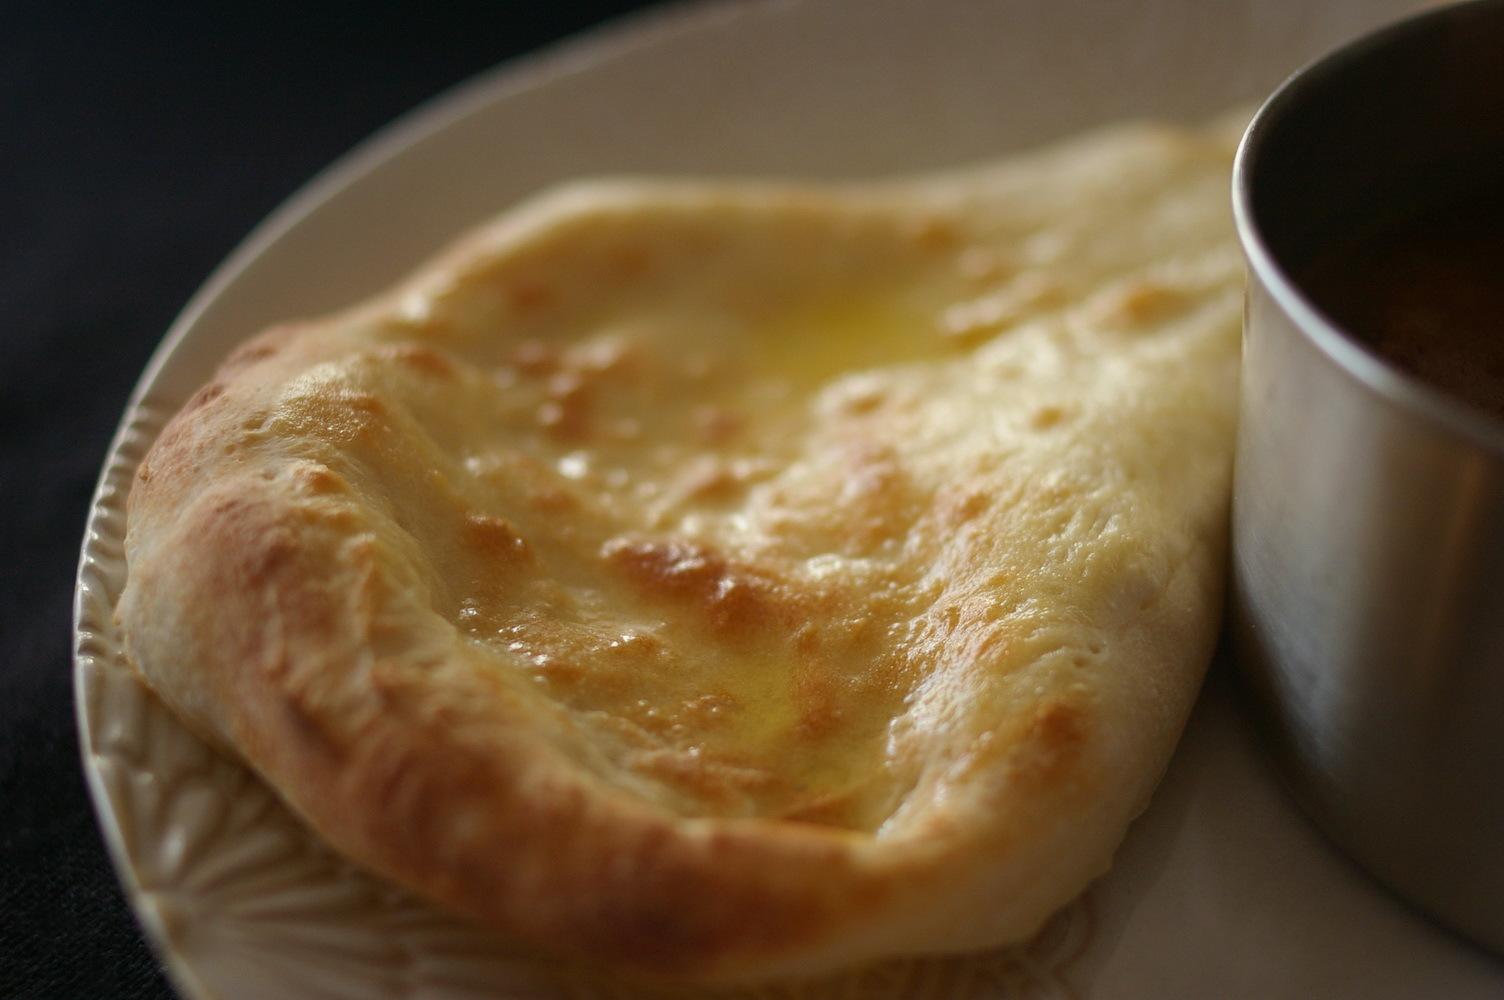 手作りナンと豚バラスパイスカレー:料理教室再開に向けて_d0327373_18562042.jpg